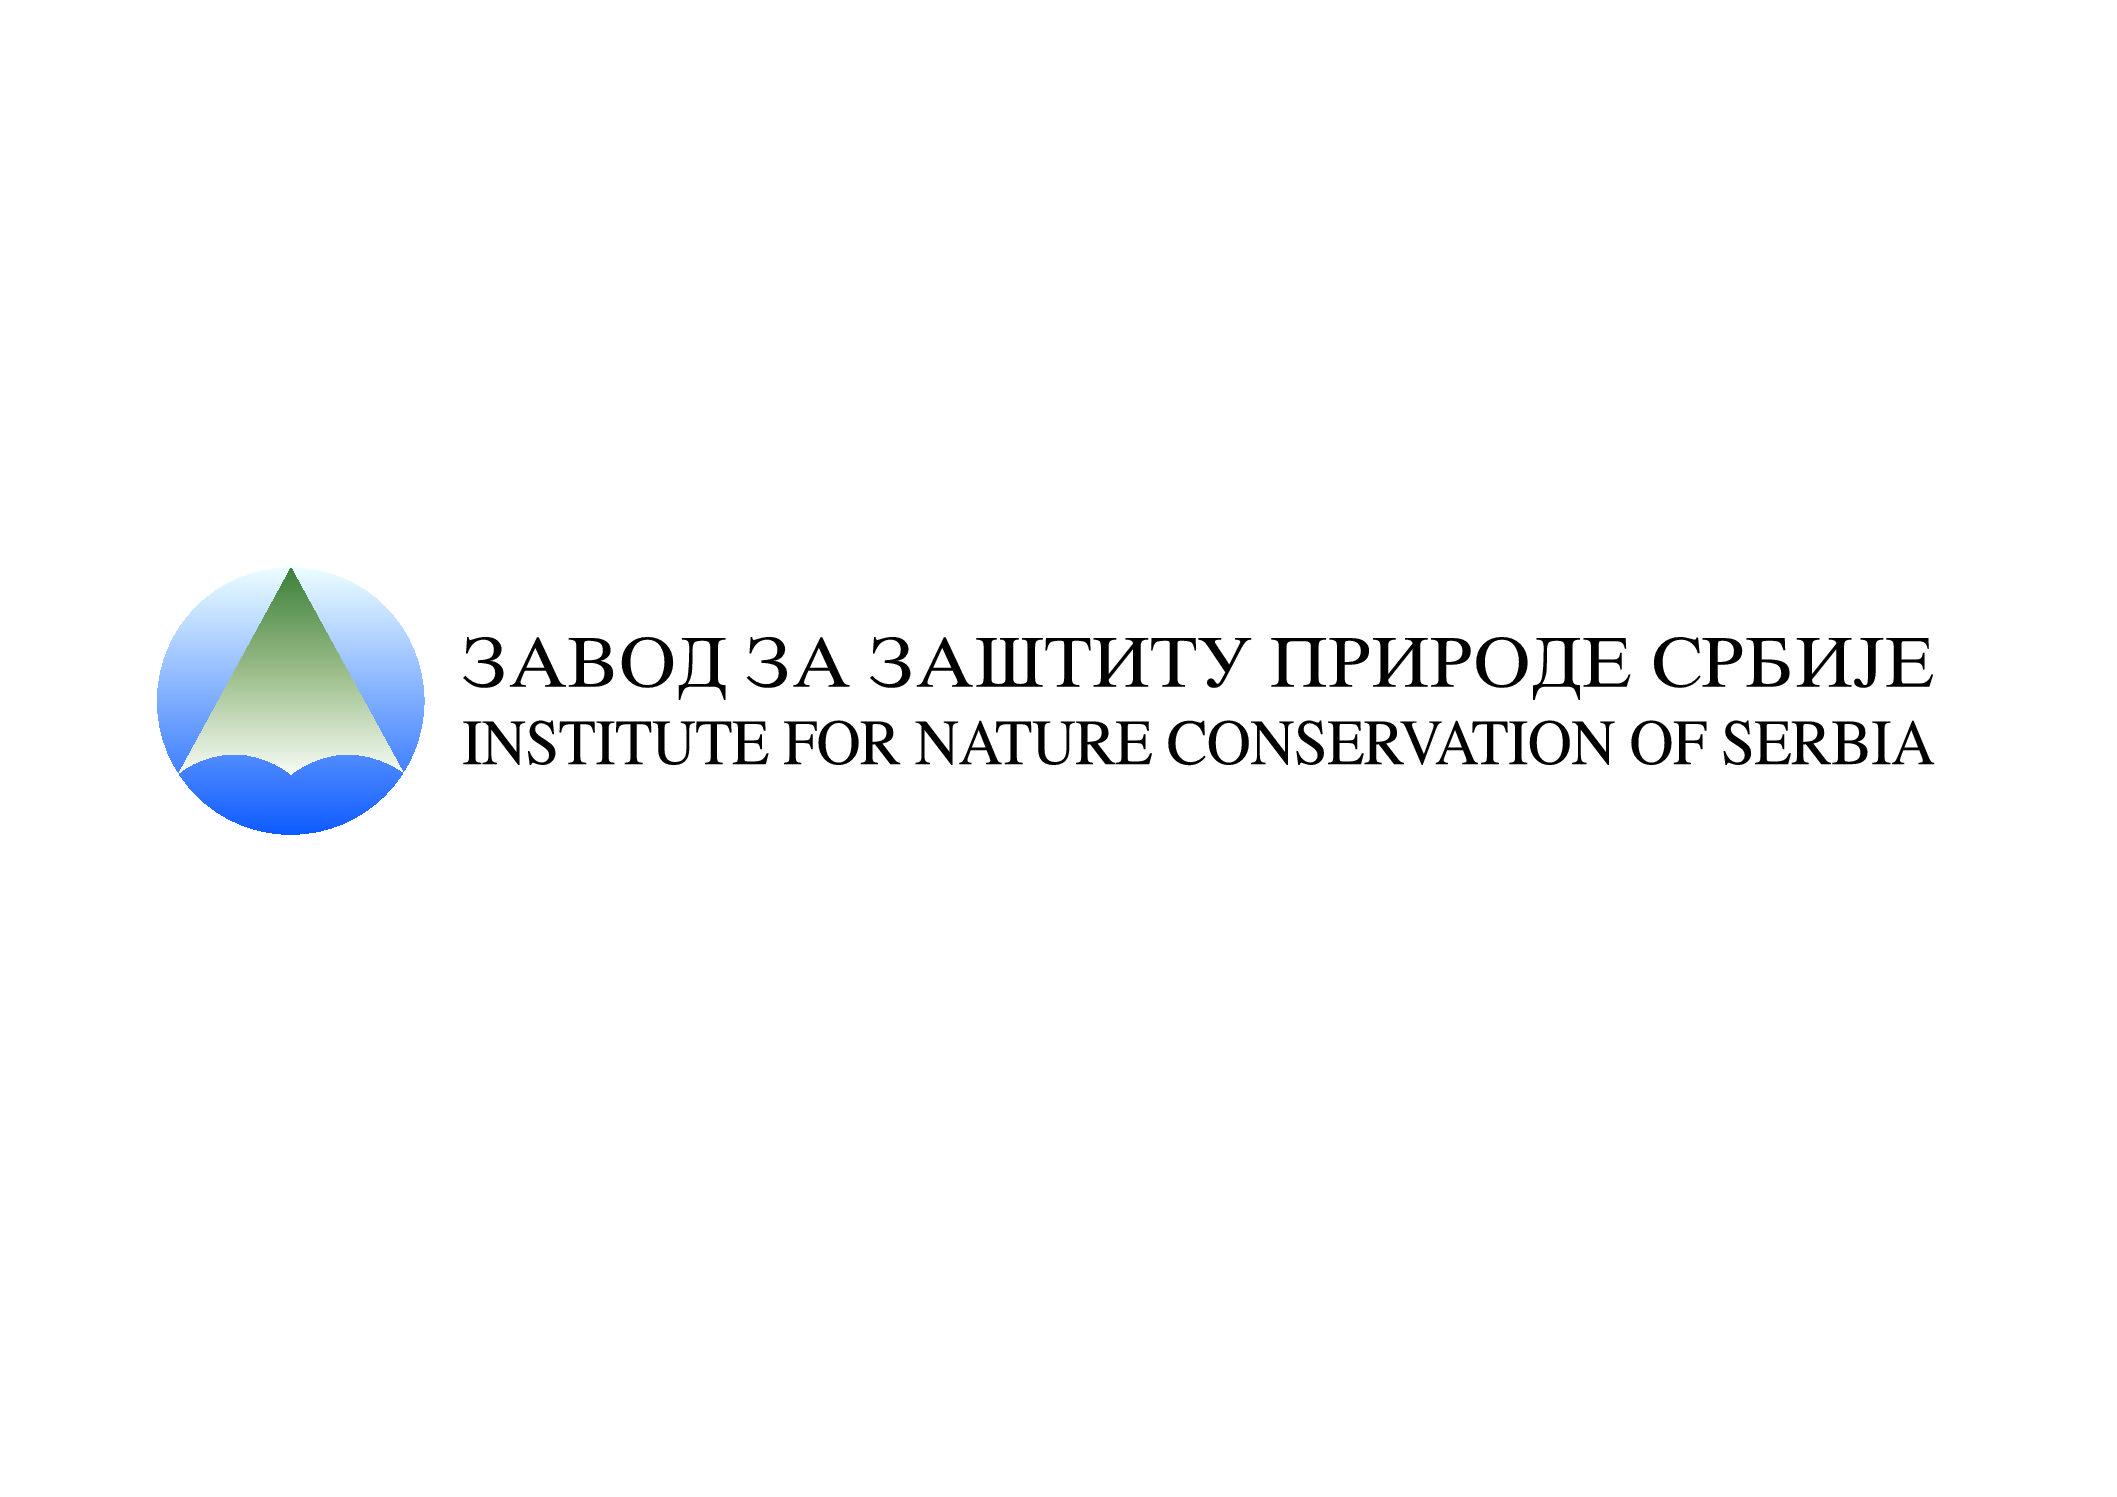 Завод за заштиту природе Србије